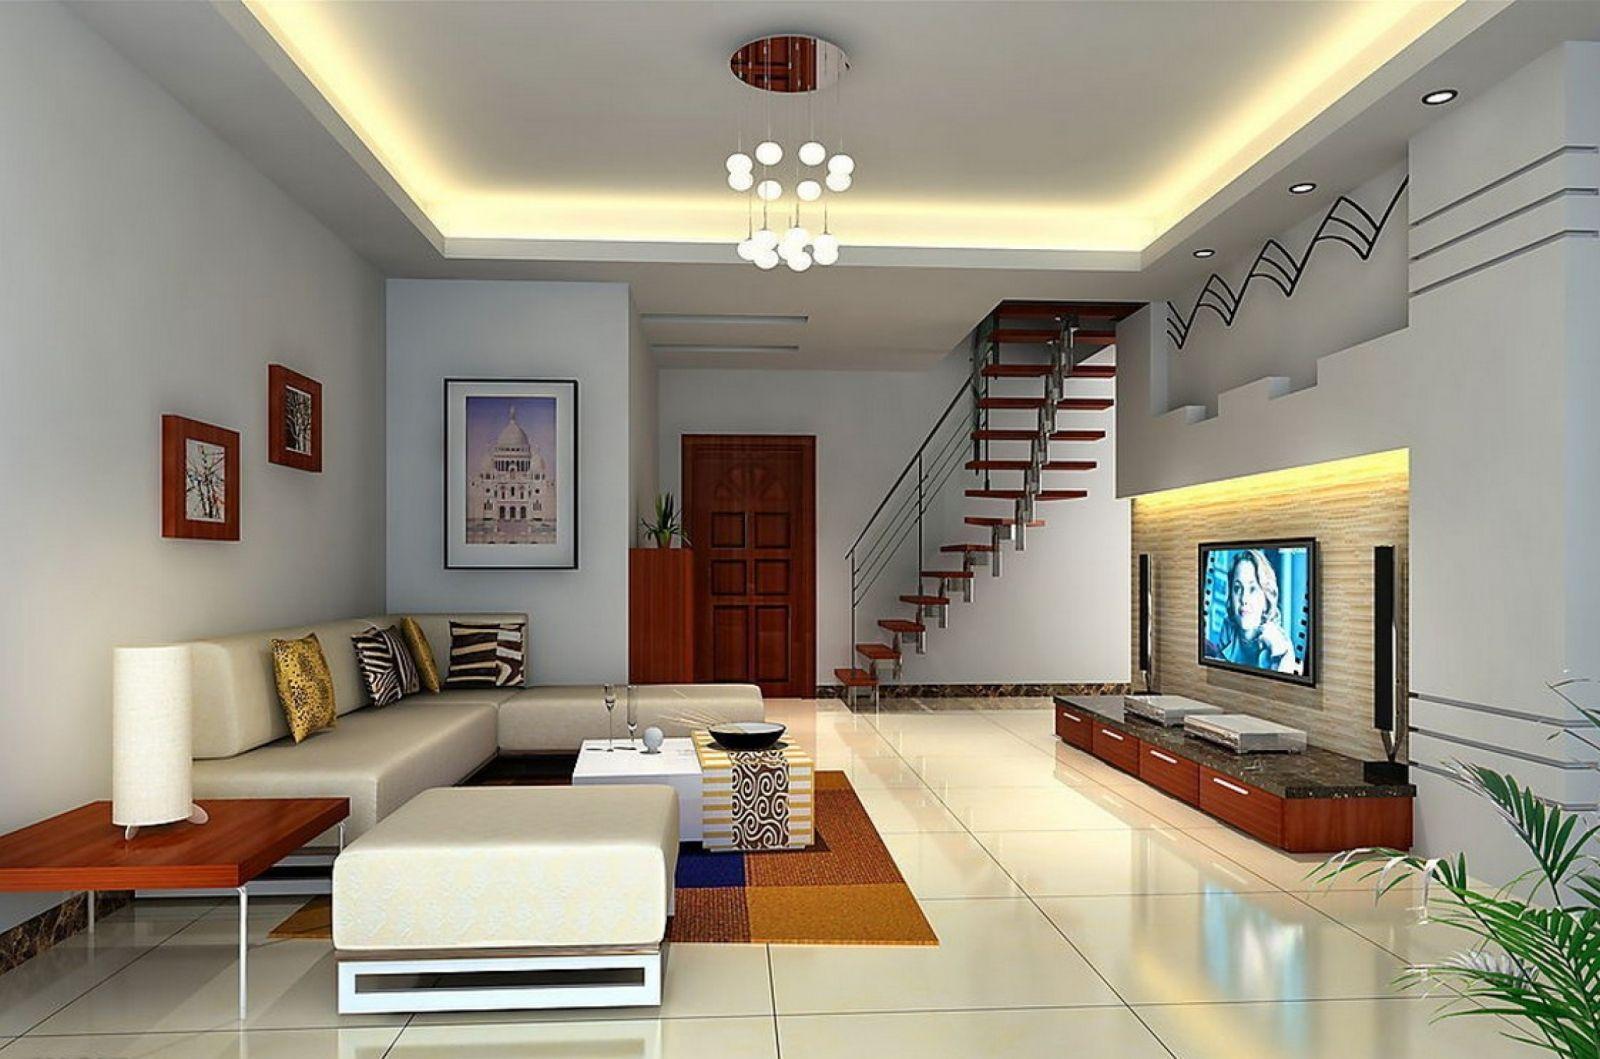 Светильники для гостиной: жёлтая подсветка по контуру потолка